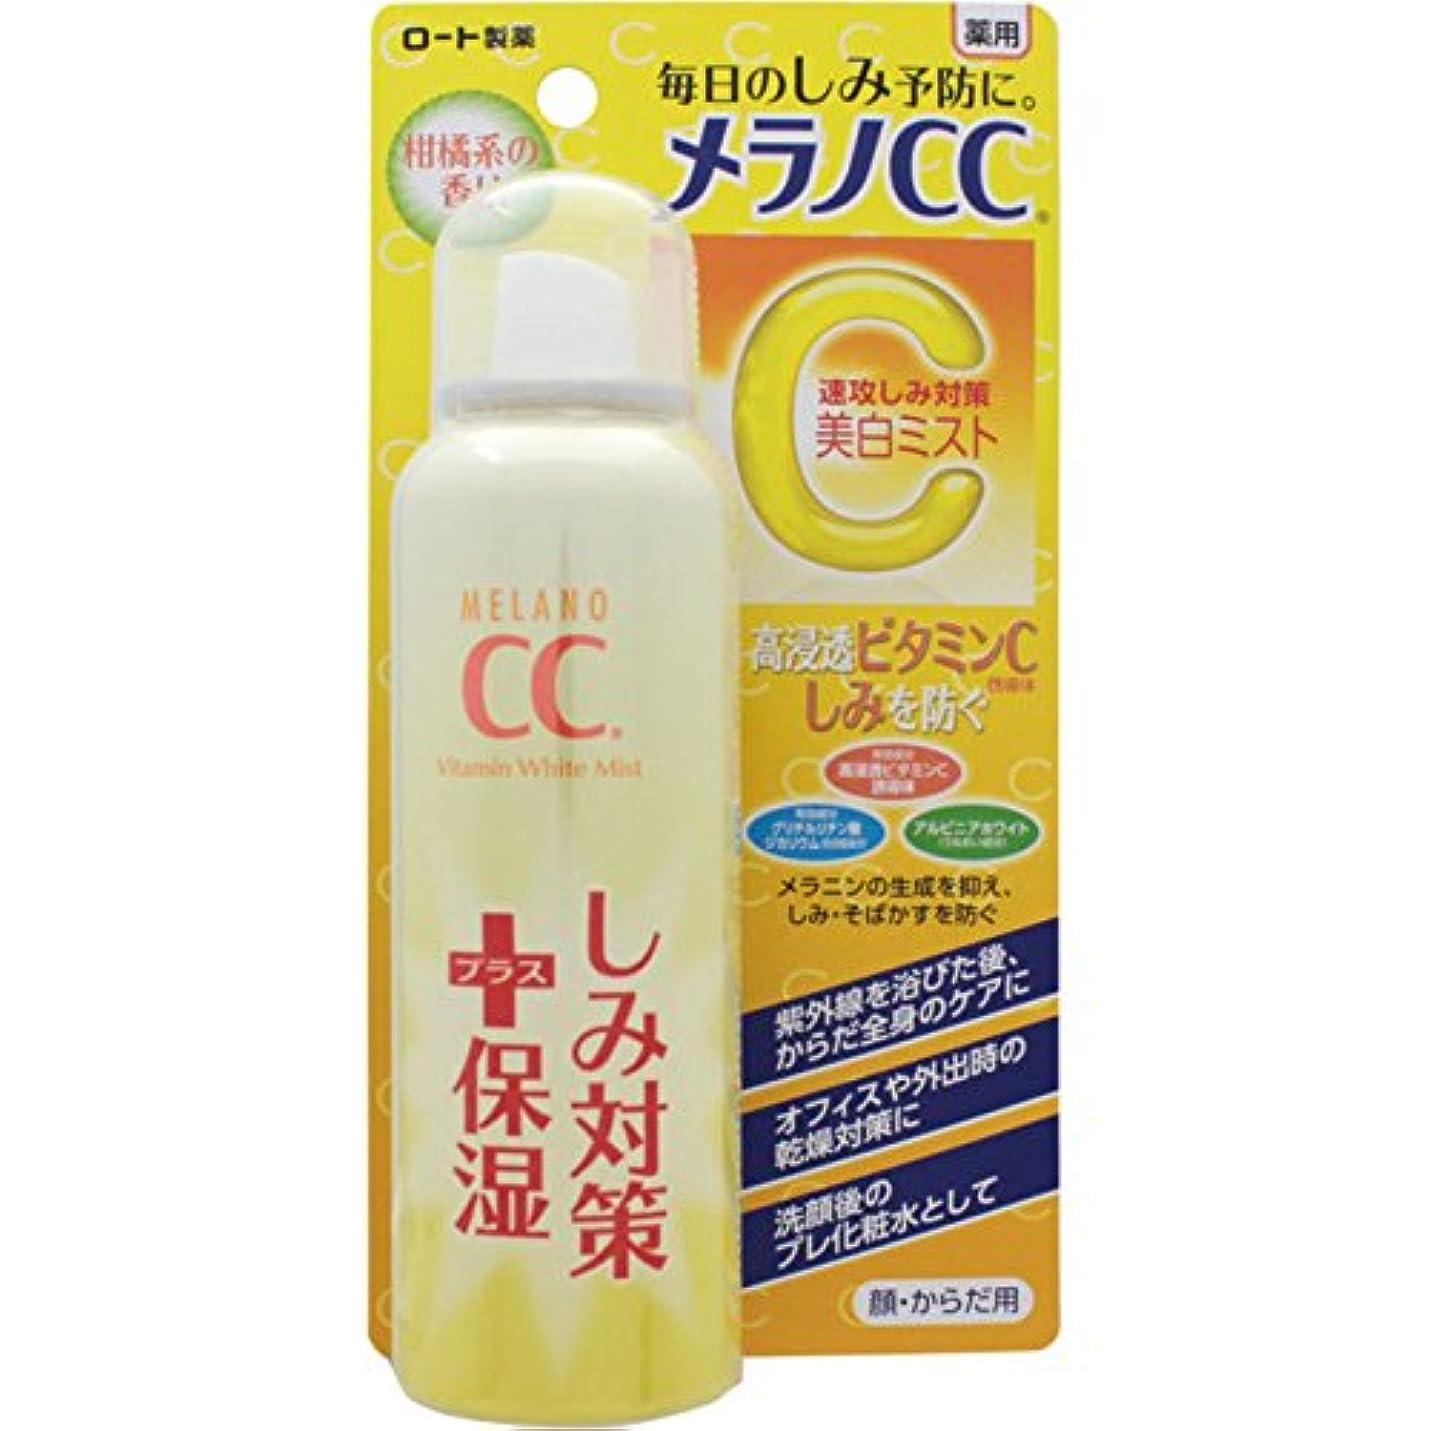 知事山積みの学生【医薬部外品】メラノCC 薬用しみ対策 美白ミスト化粧水 100g